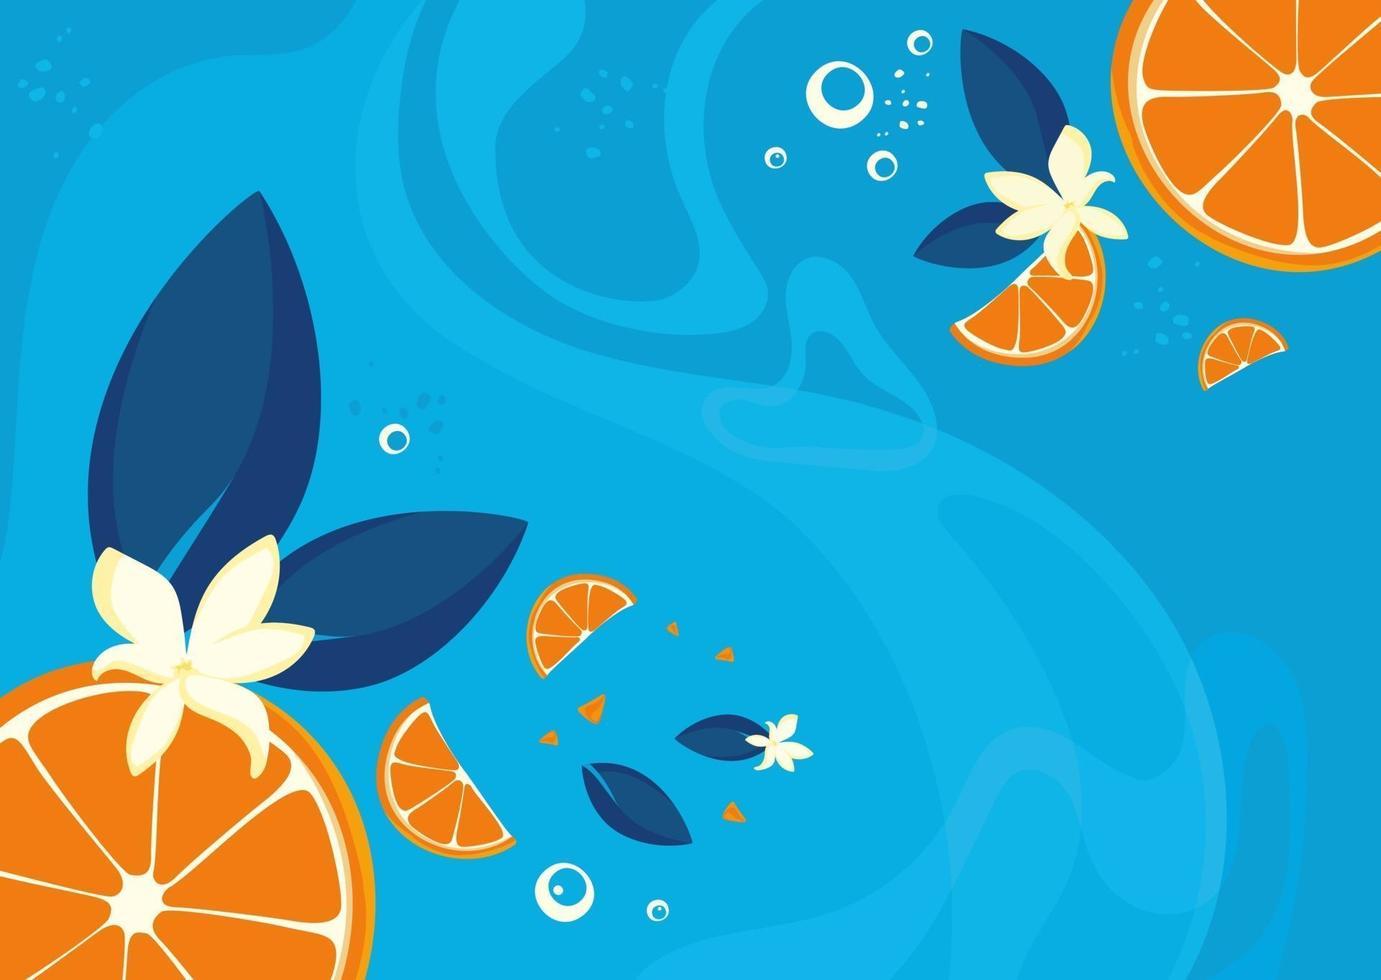 plantilla de banner con naranjas y vainilla. vector